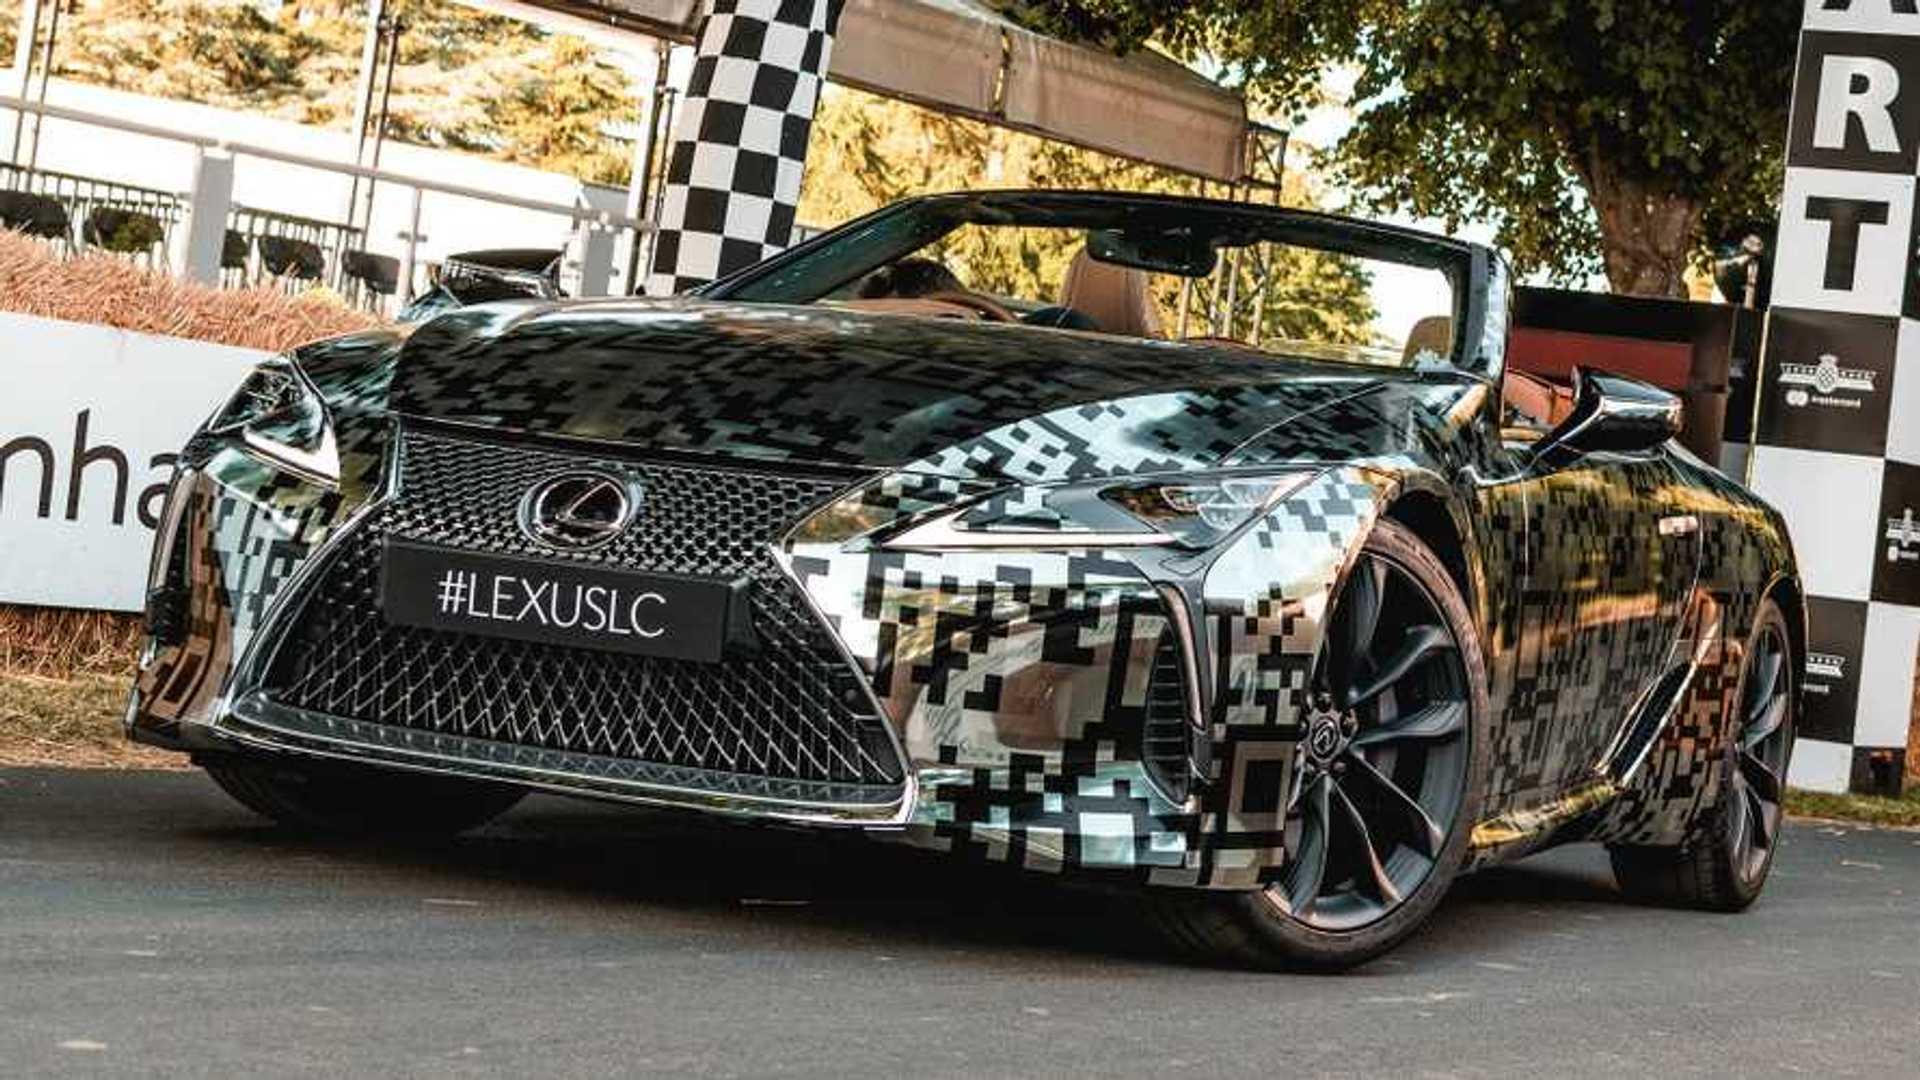 [Image: lexus-lc-convertible-prototype.jpg]